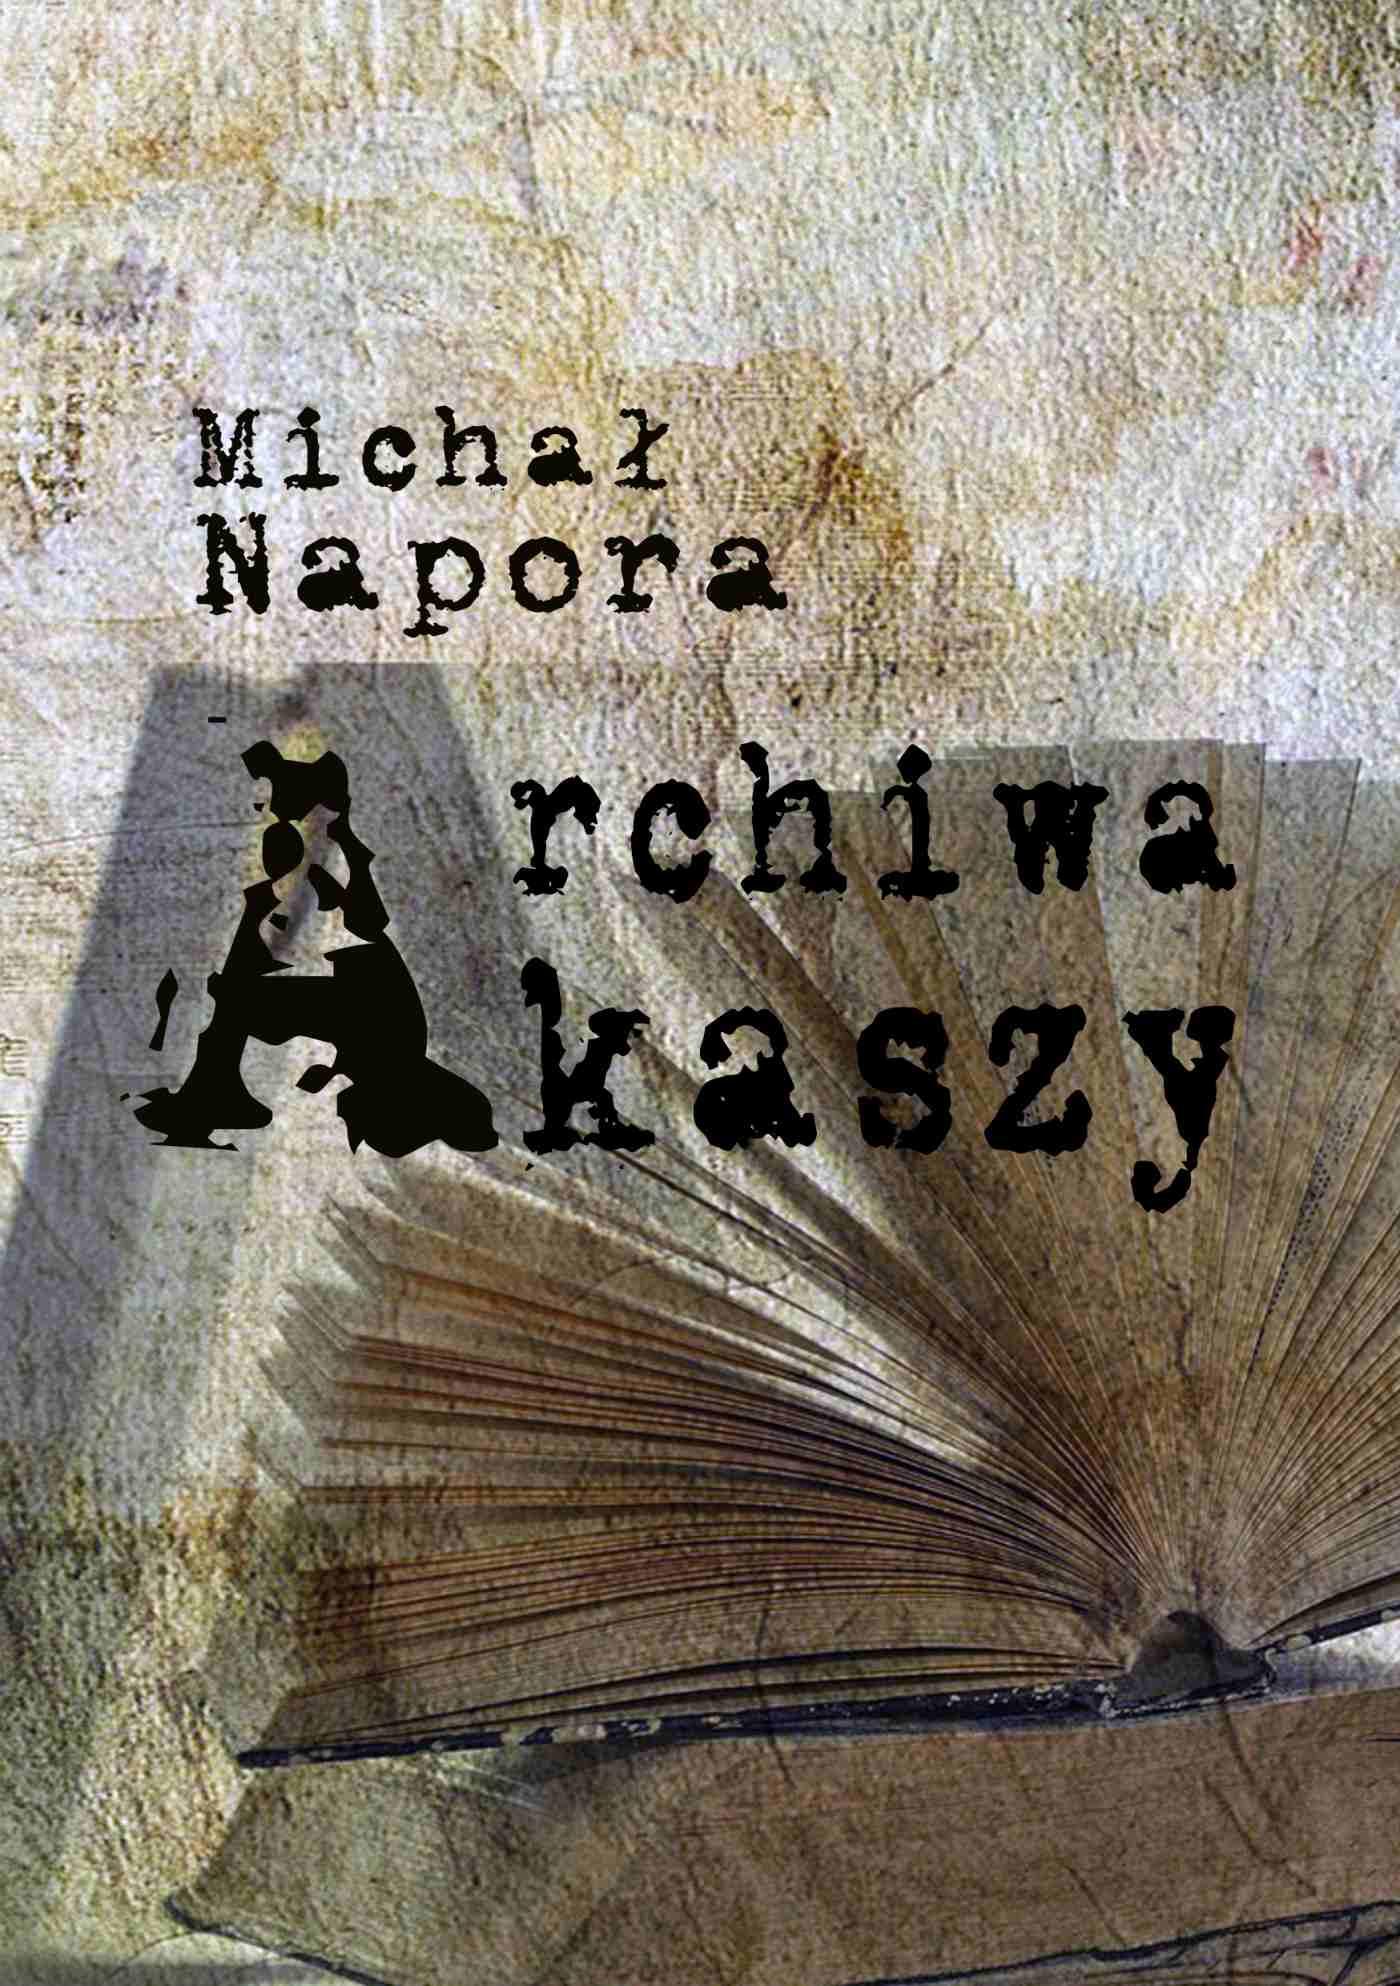 Archiwa Akaszy - Ebook (Książka EPUB) do pobrania w formacie EPUB